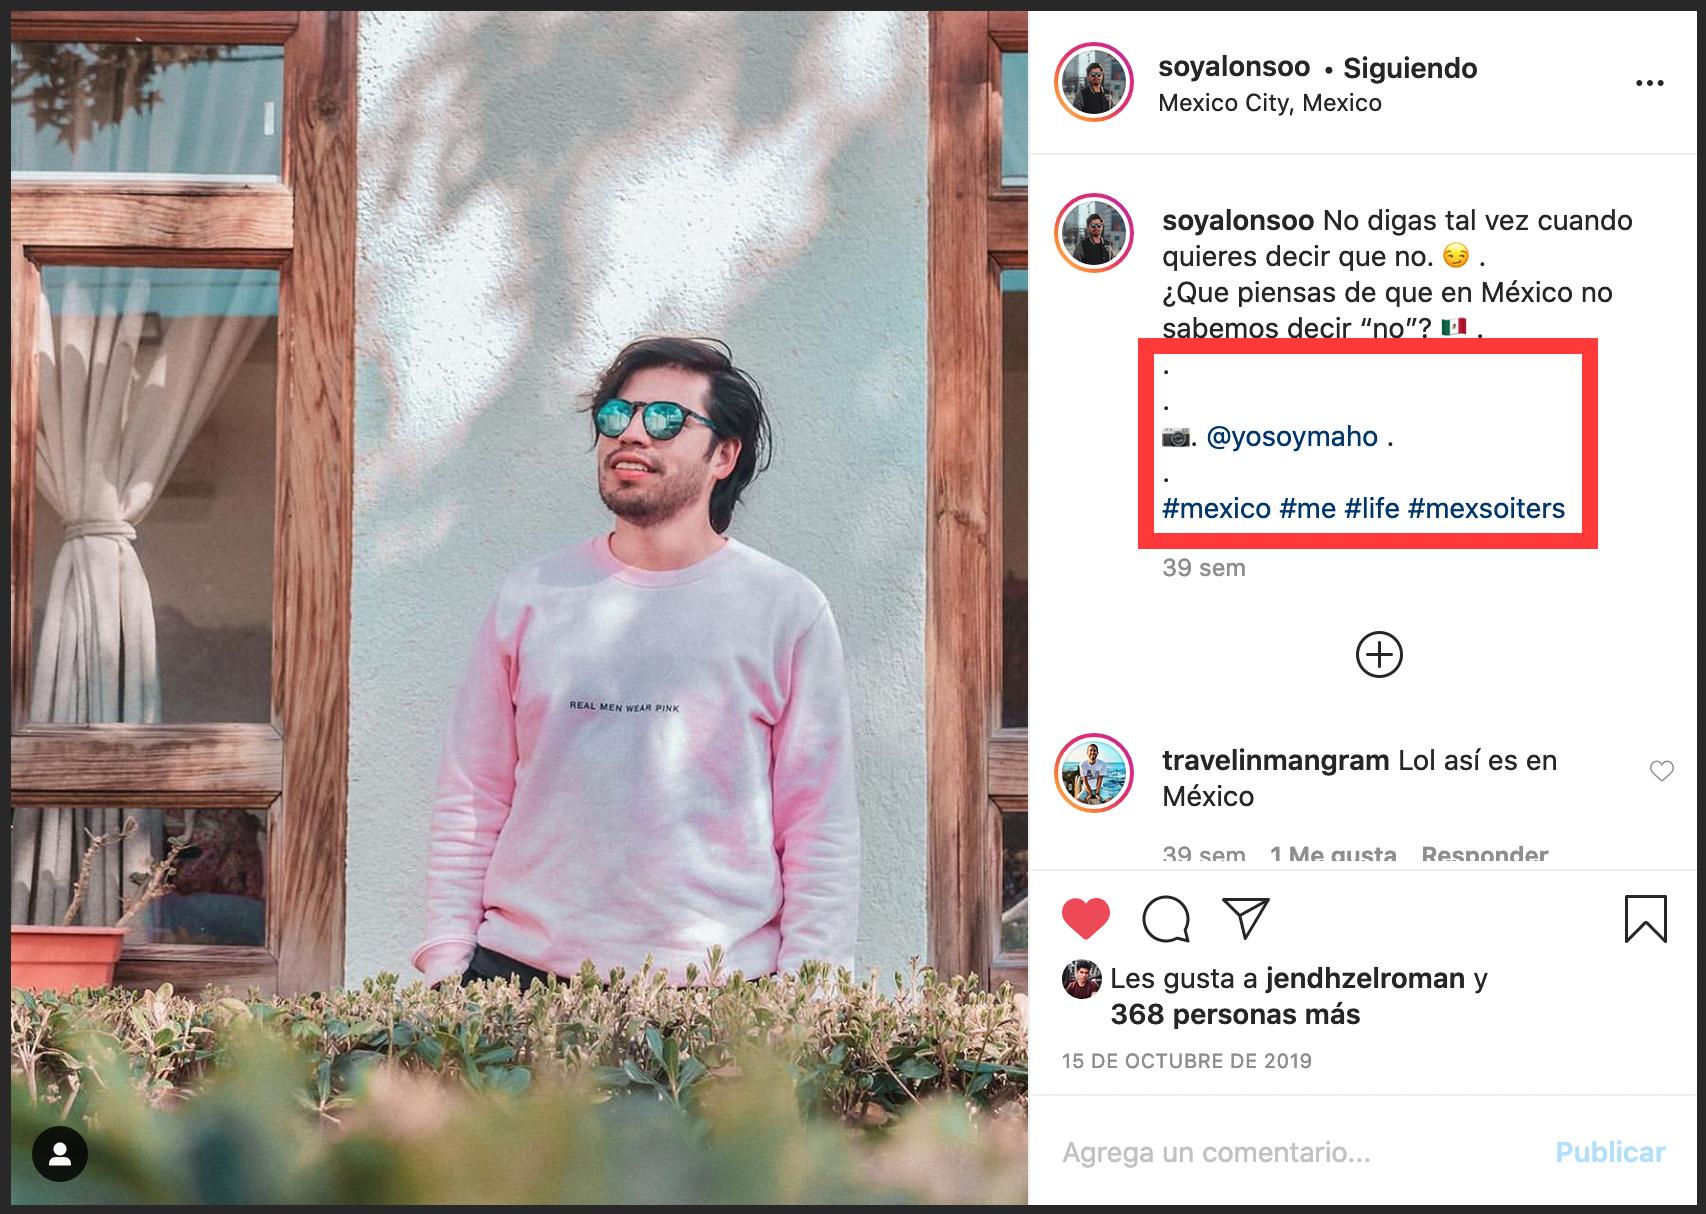 Cómo separar los párrafos Instagram